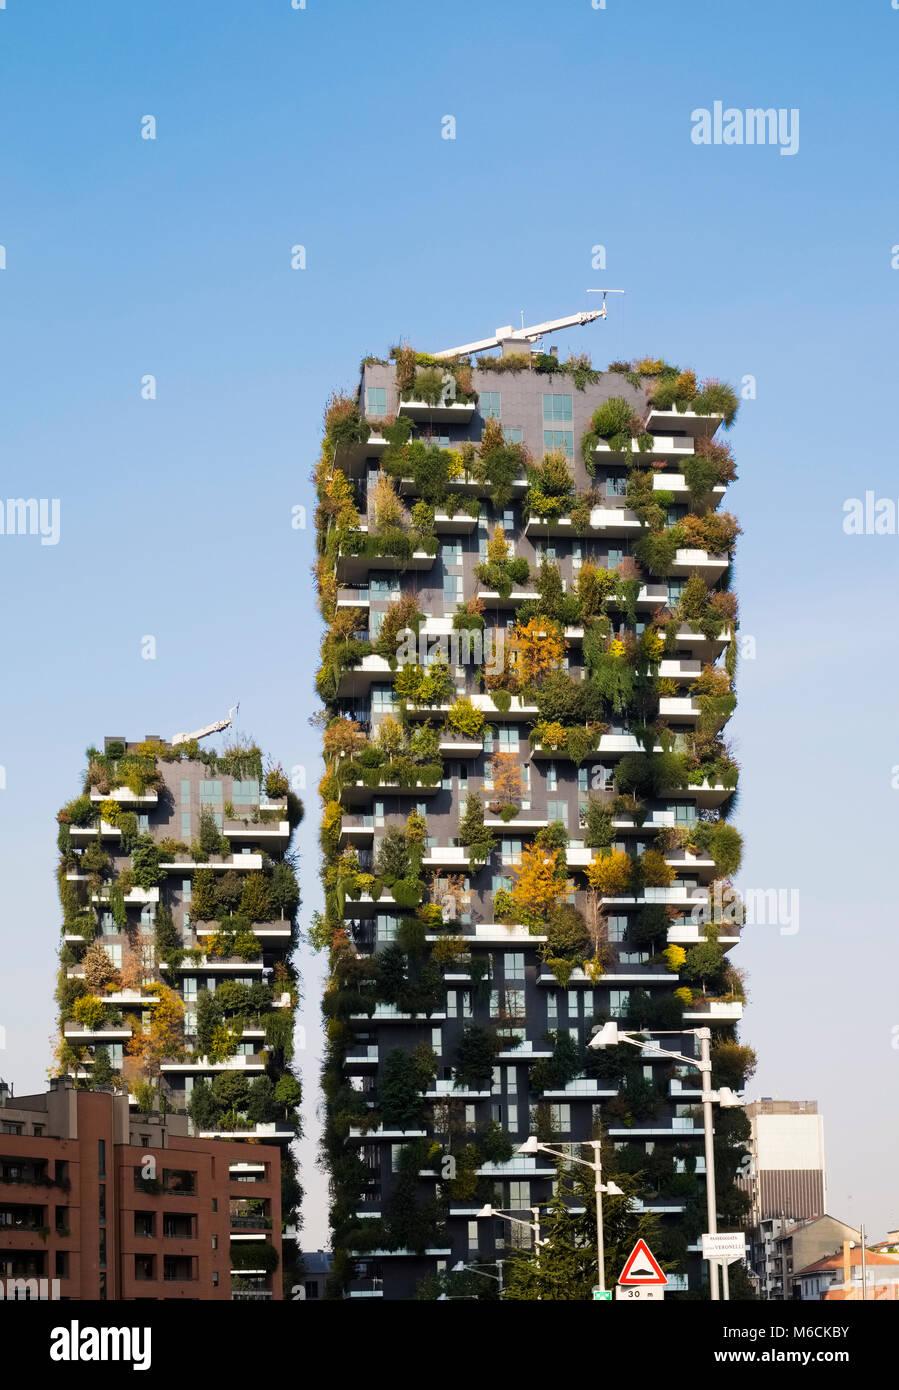 Bosco Verticale (Bosco verticale), premiato torri residenziali in la Porta Nuova quartiere di Milano, Italia. Immagini Stock